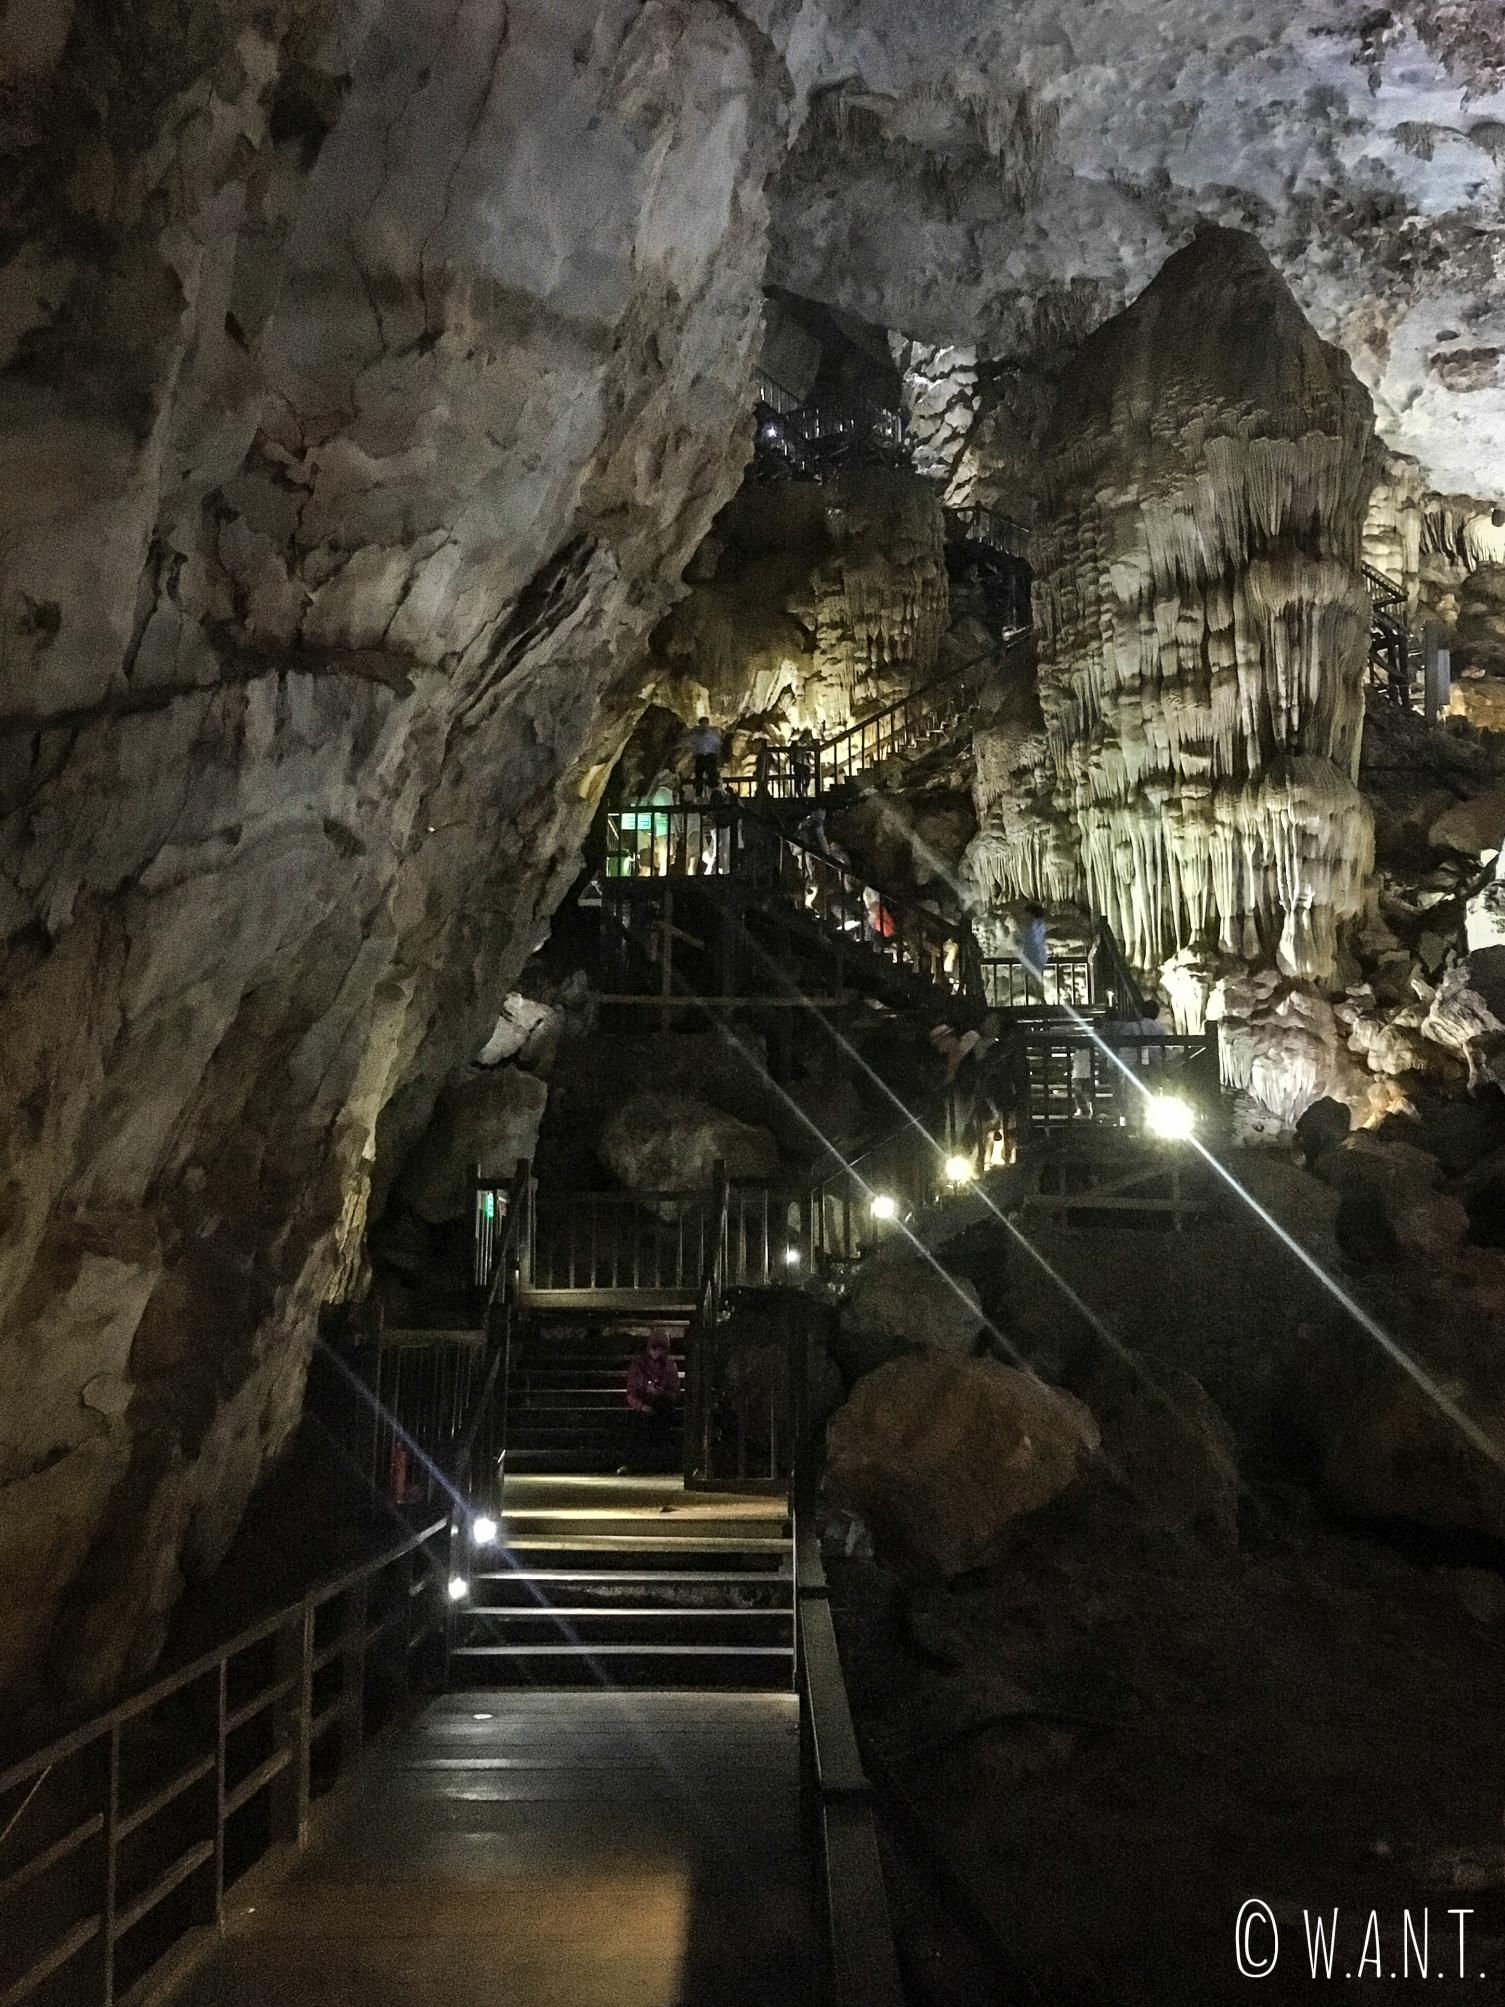 Il faut descendre dans les profondeurs de la Paradise Cave pour admirer sa beauté